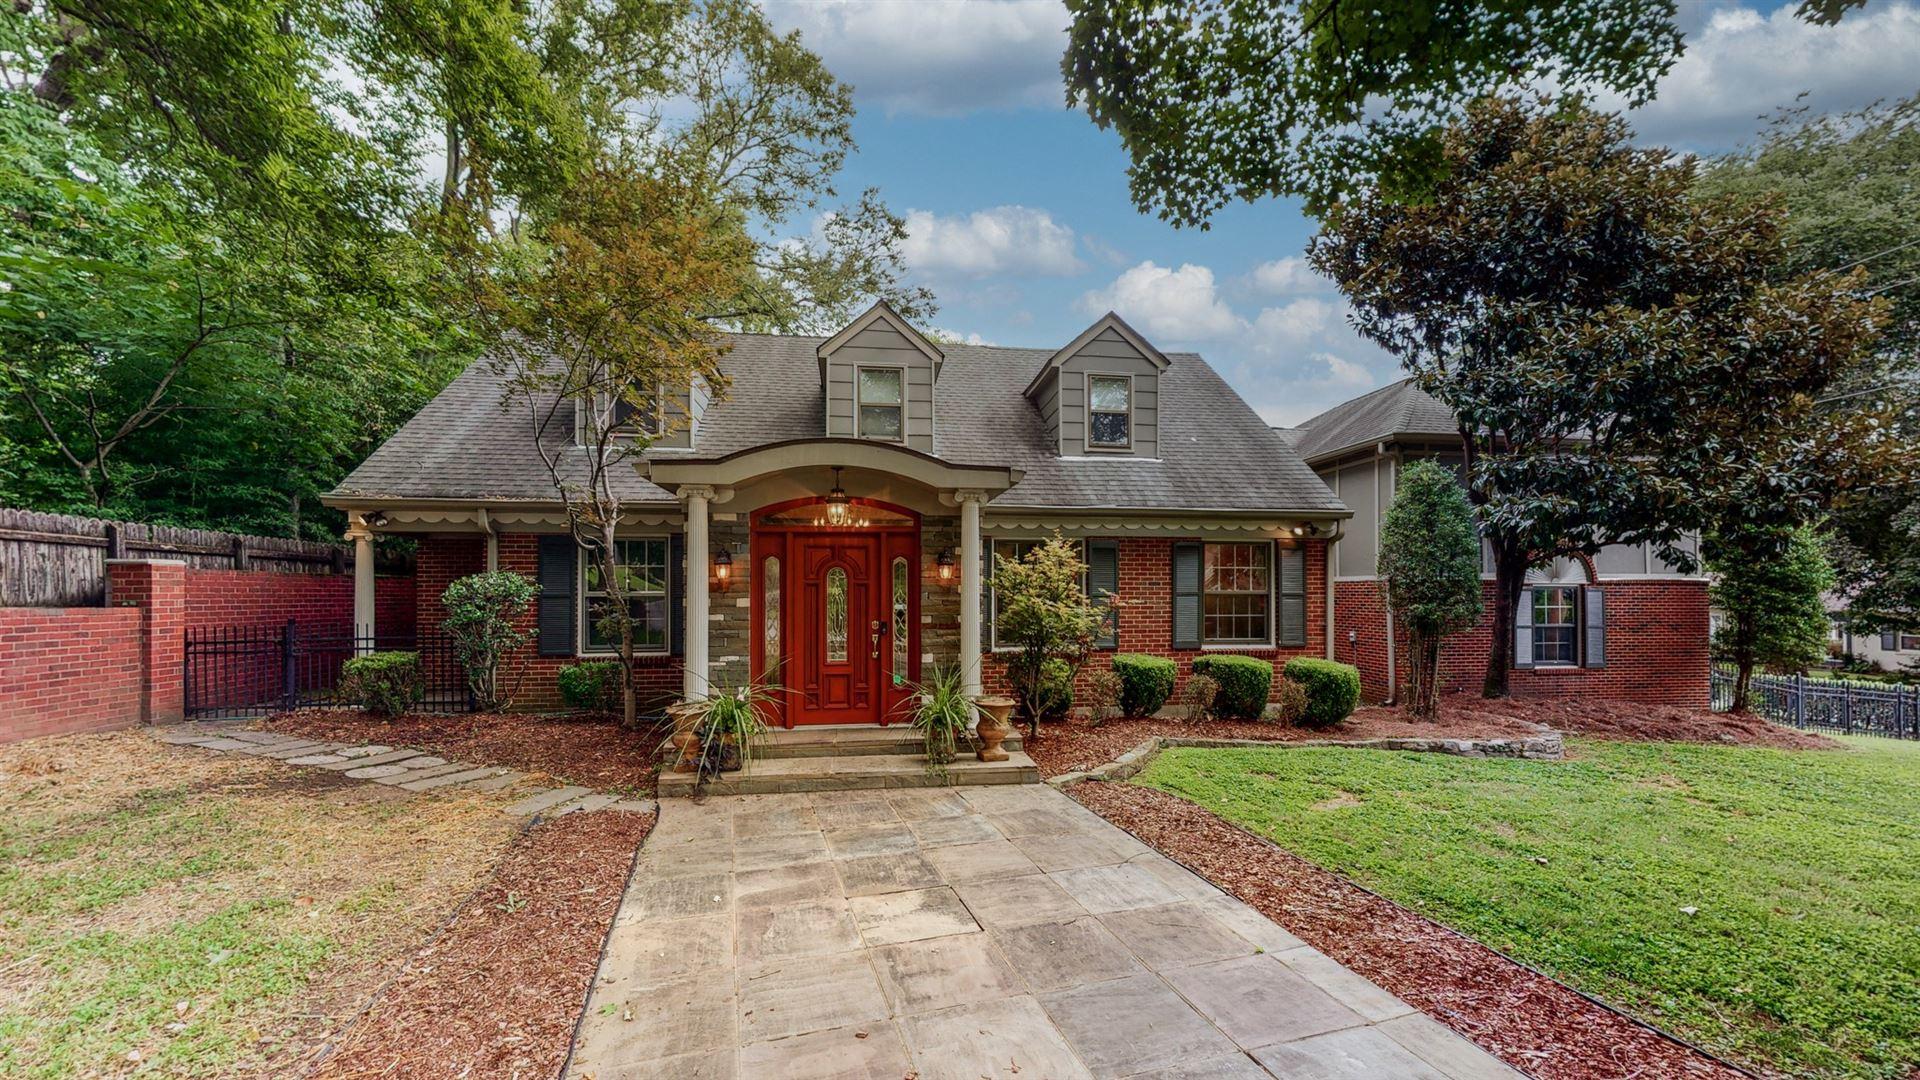 3706 Granny White Pike, Nashville, TN 37204 - MLS#: 2273369